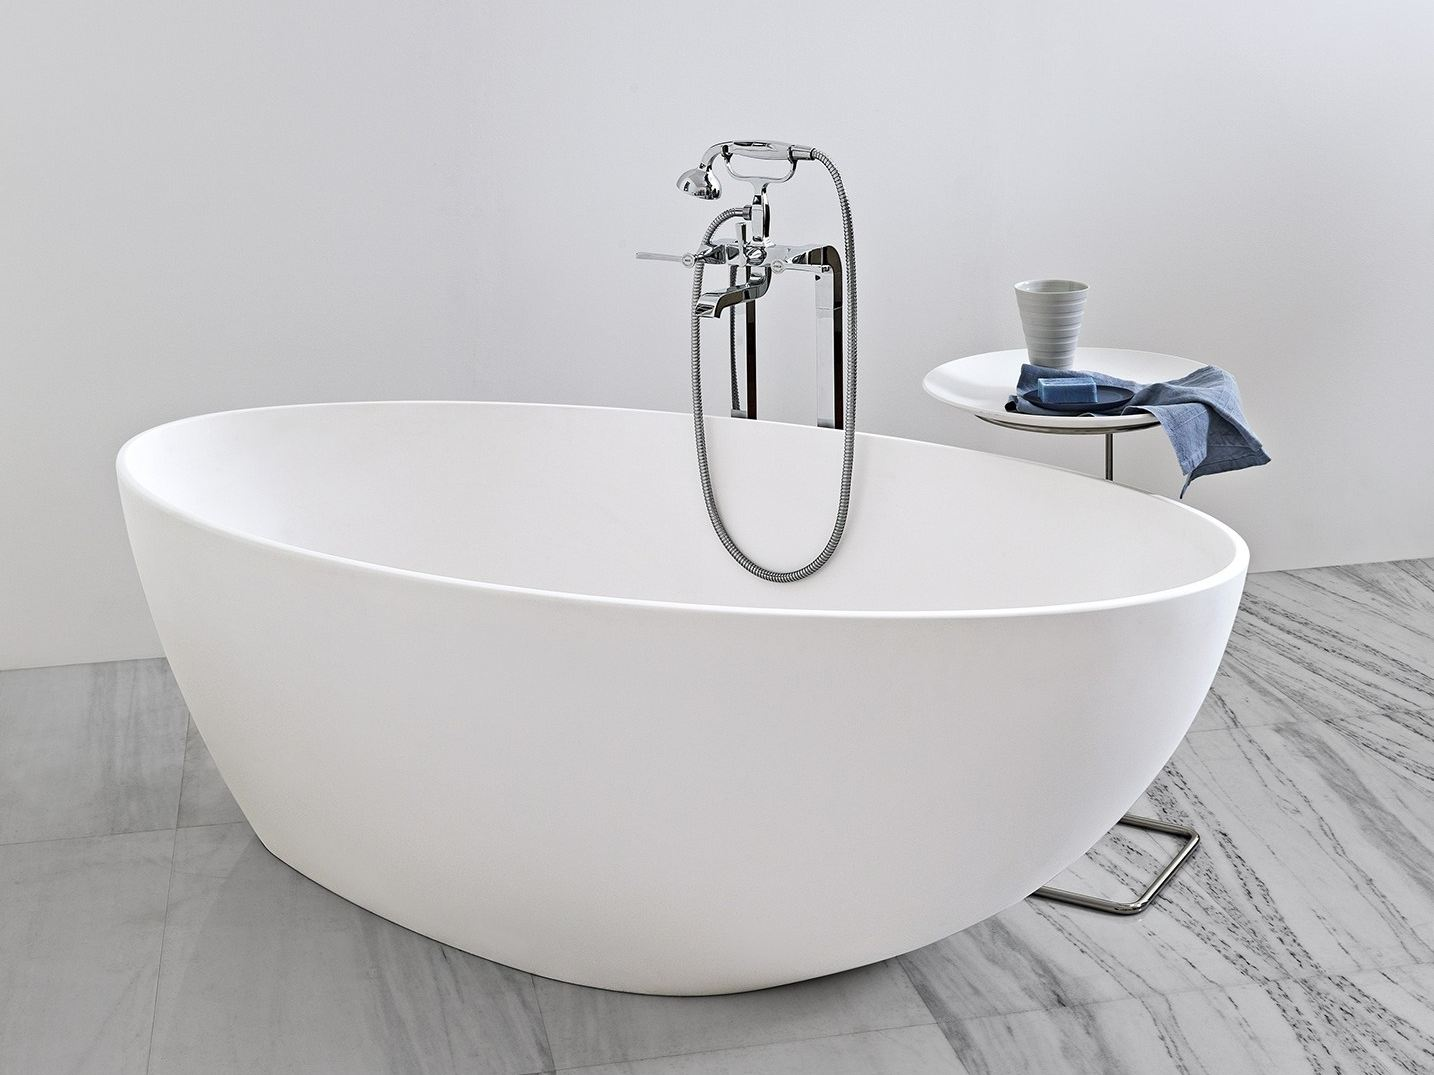 Vasca Da Bagno Piccola Economica : Come scegliere la vasca da bagno bagnolandia